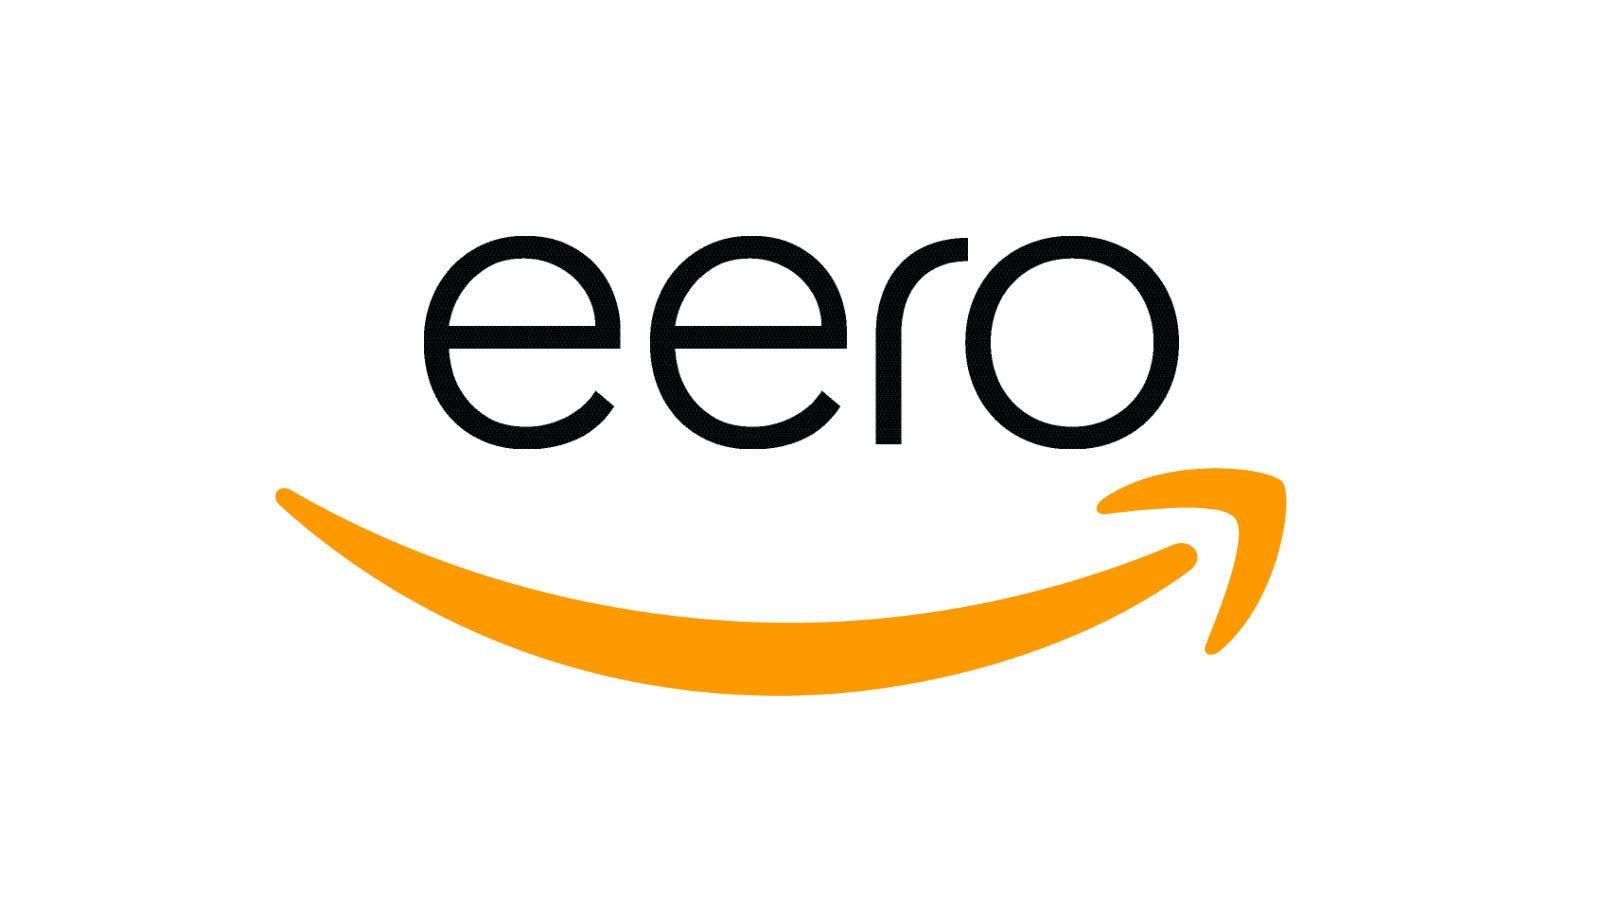 Eero logo combined with Amazon arrow logo